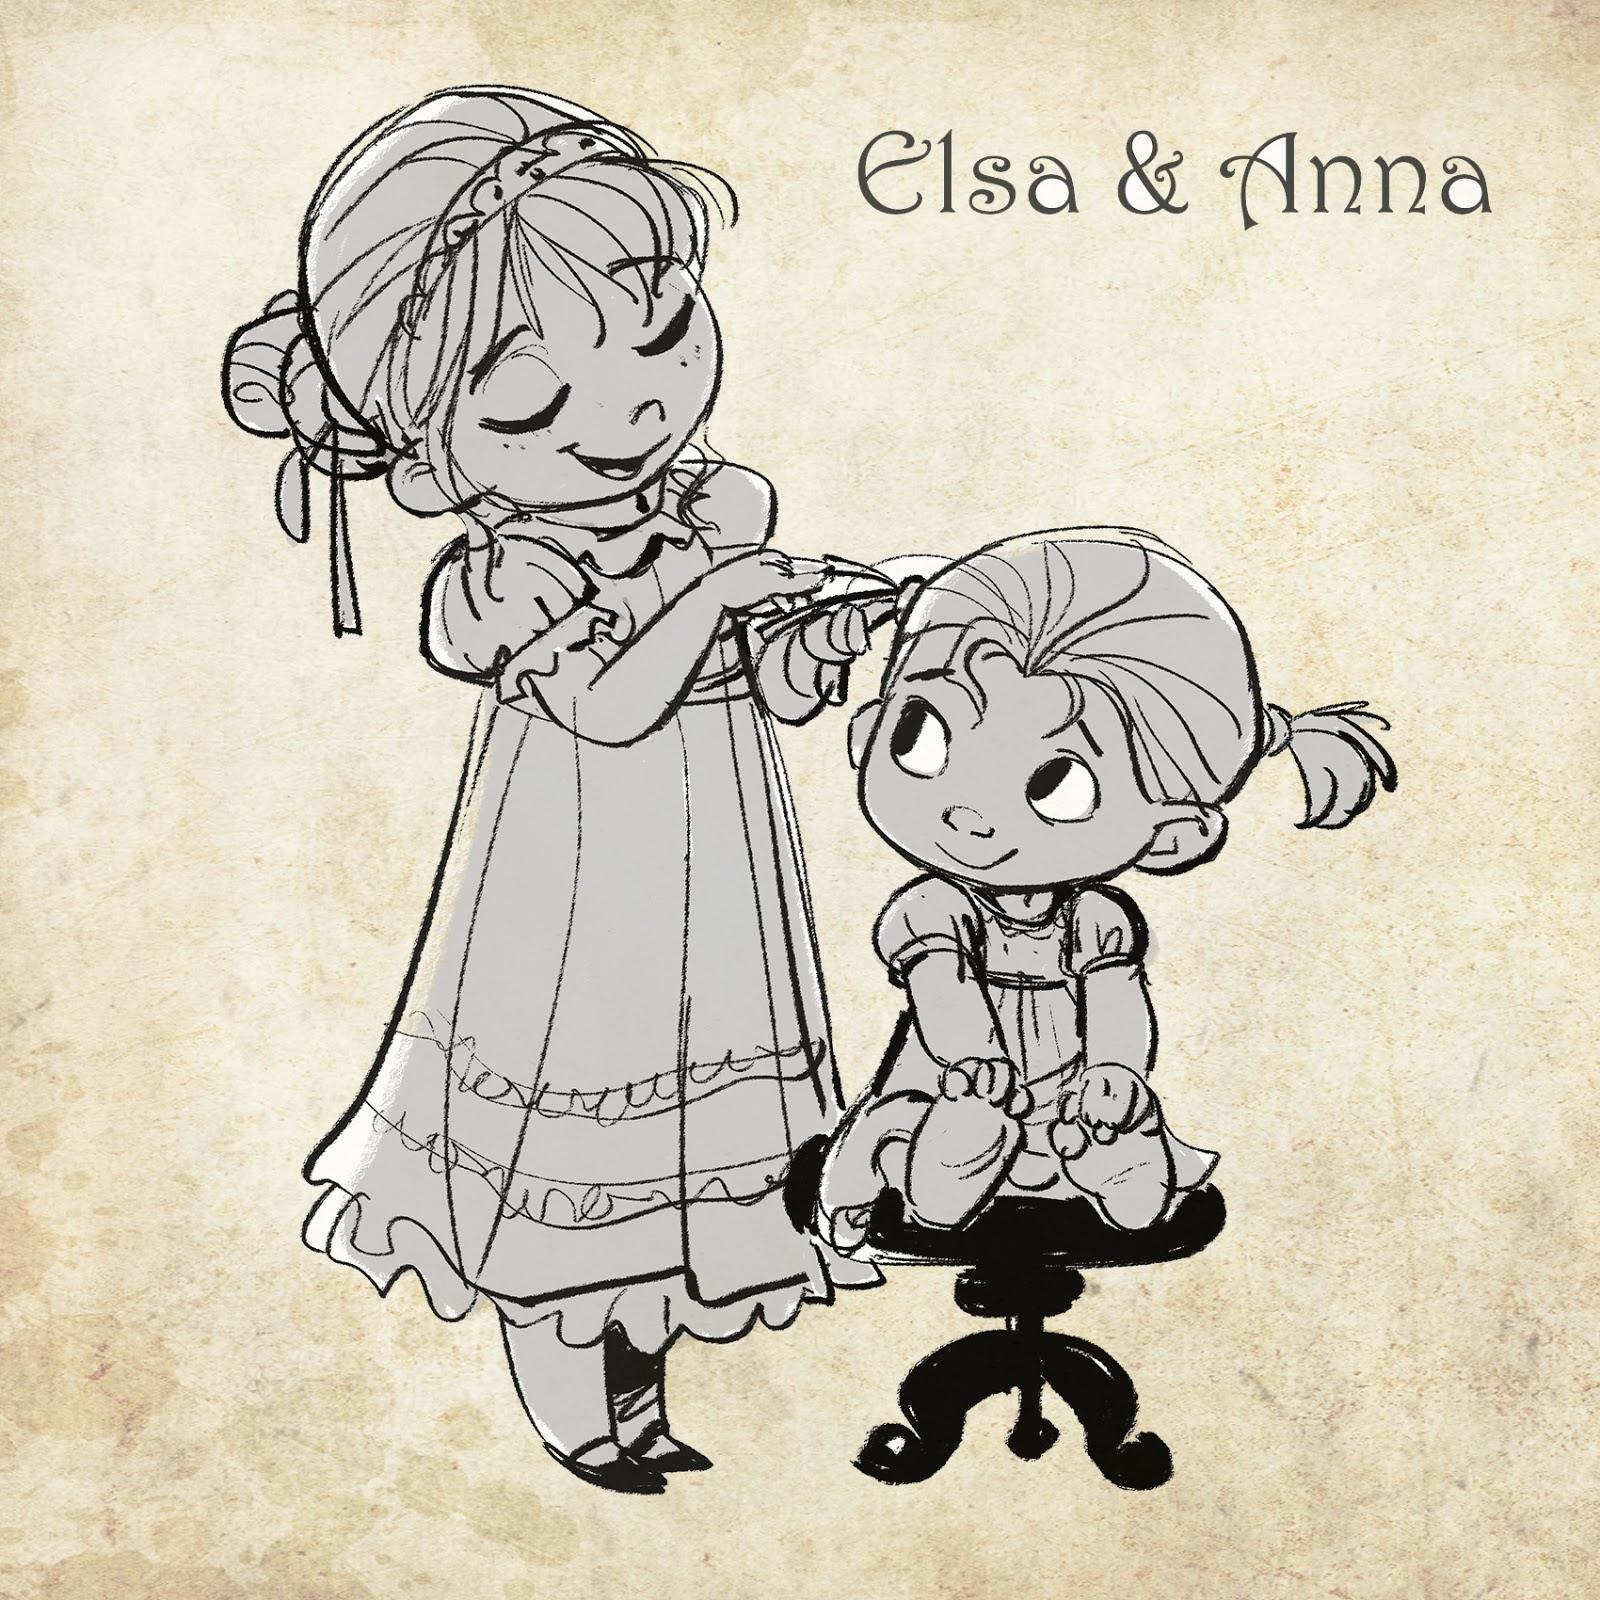 Arte Conceitual Elsa E Anna Da Animacao Frozen Por Jim Kim